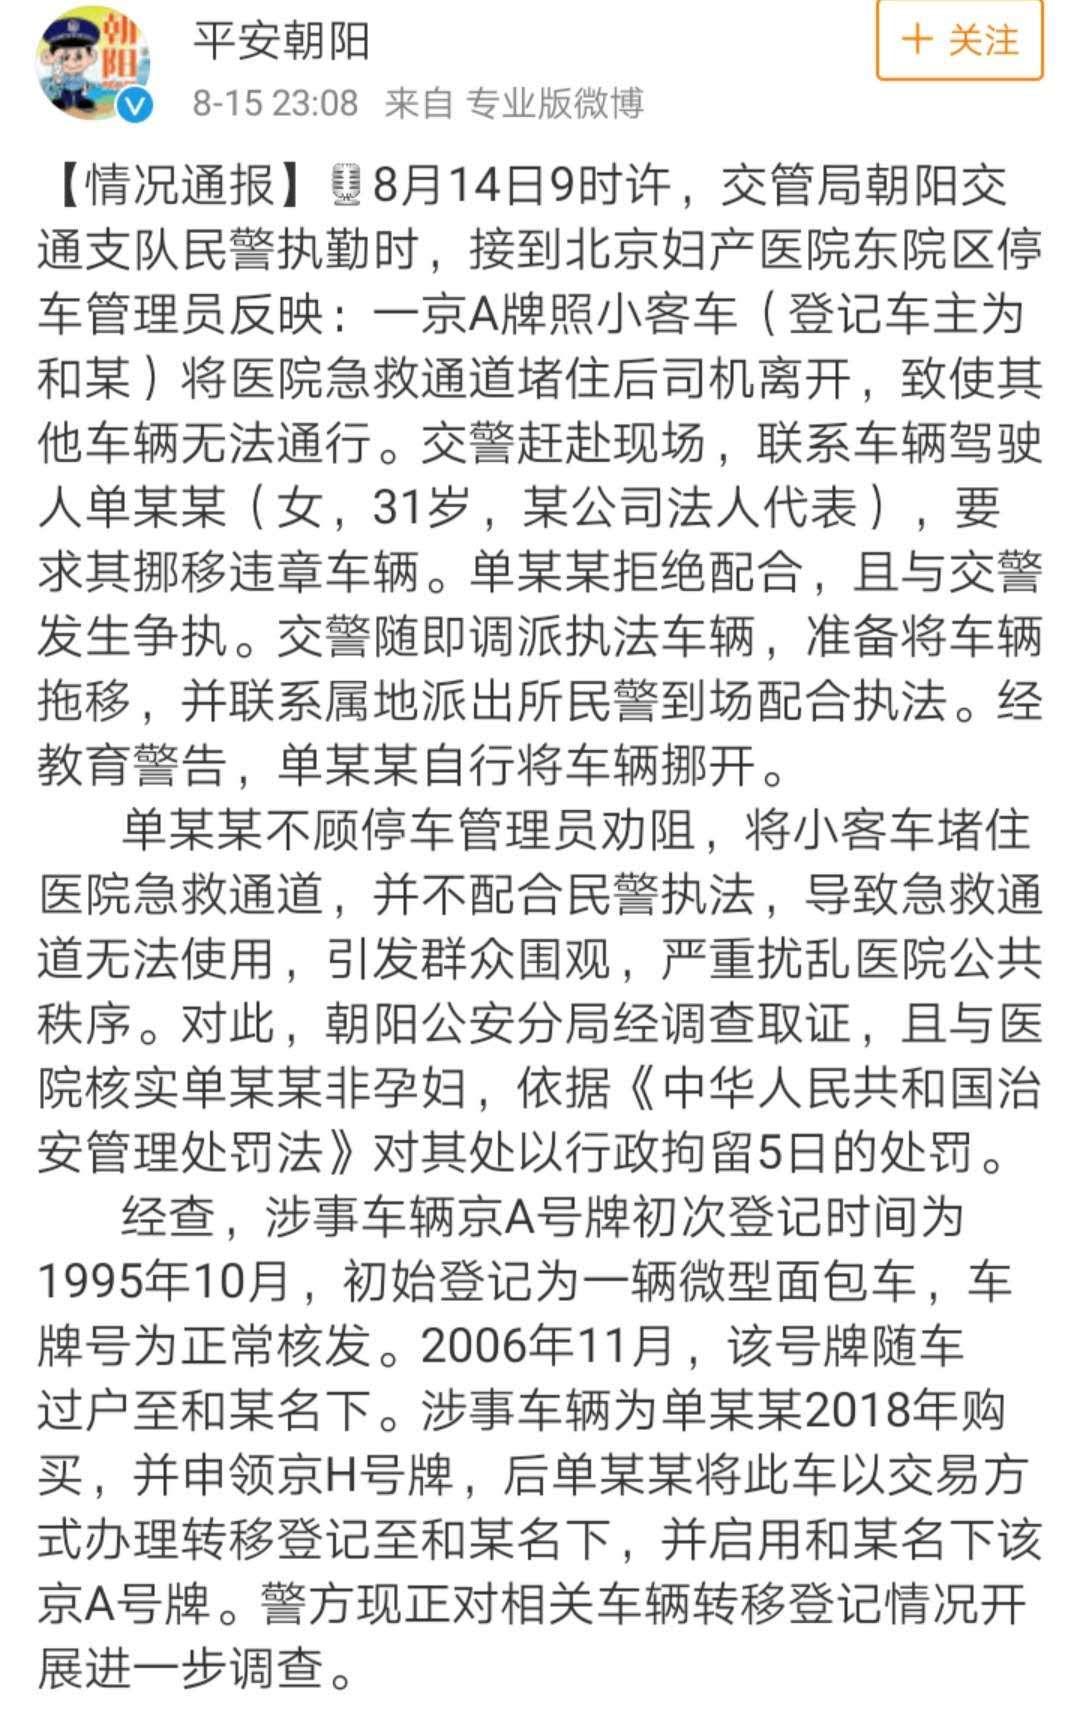 北京28早财经丨新闻联播7篇报道聚焦香港;北京开劳斯莱斯堵医院急救通道女